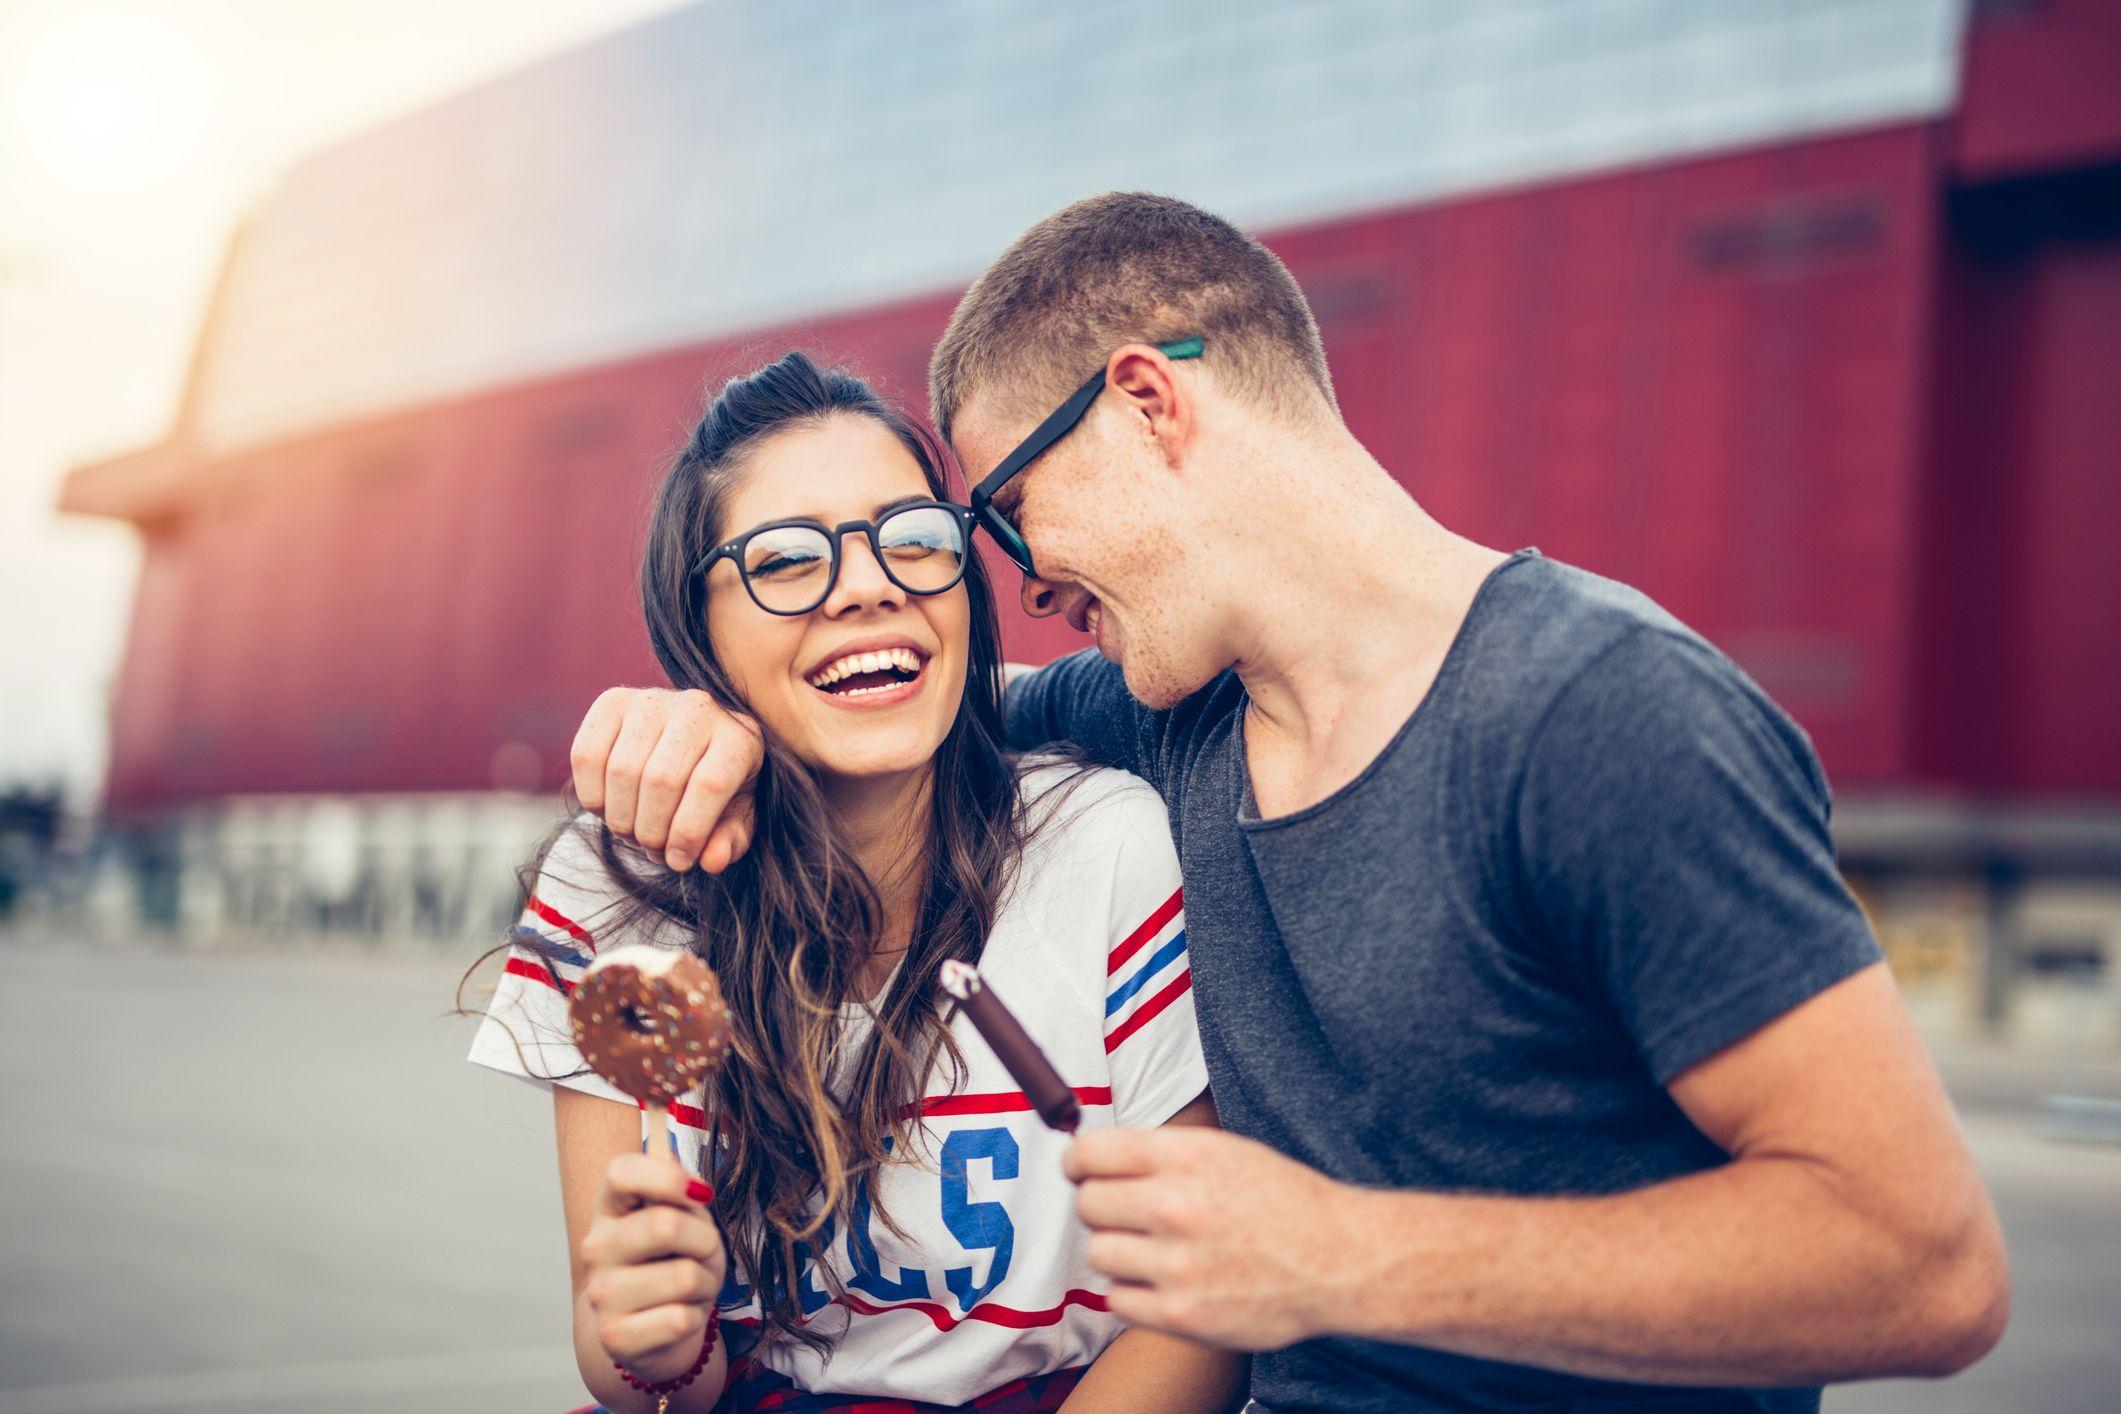 Freshman in high school dating ideas